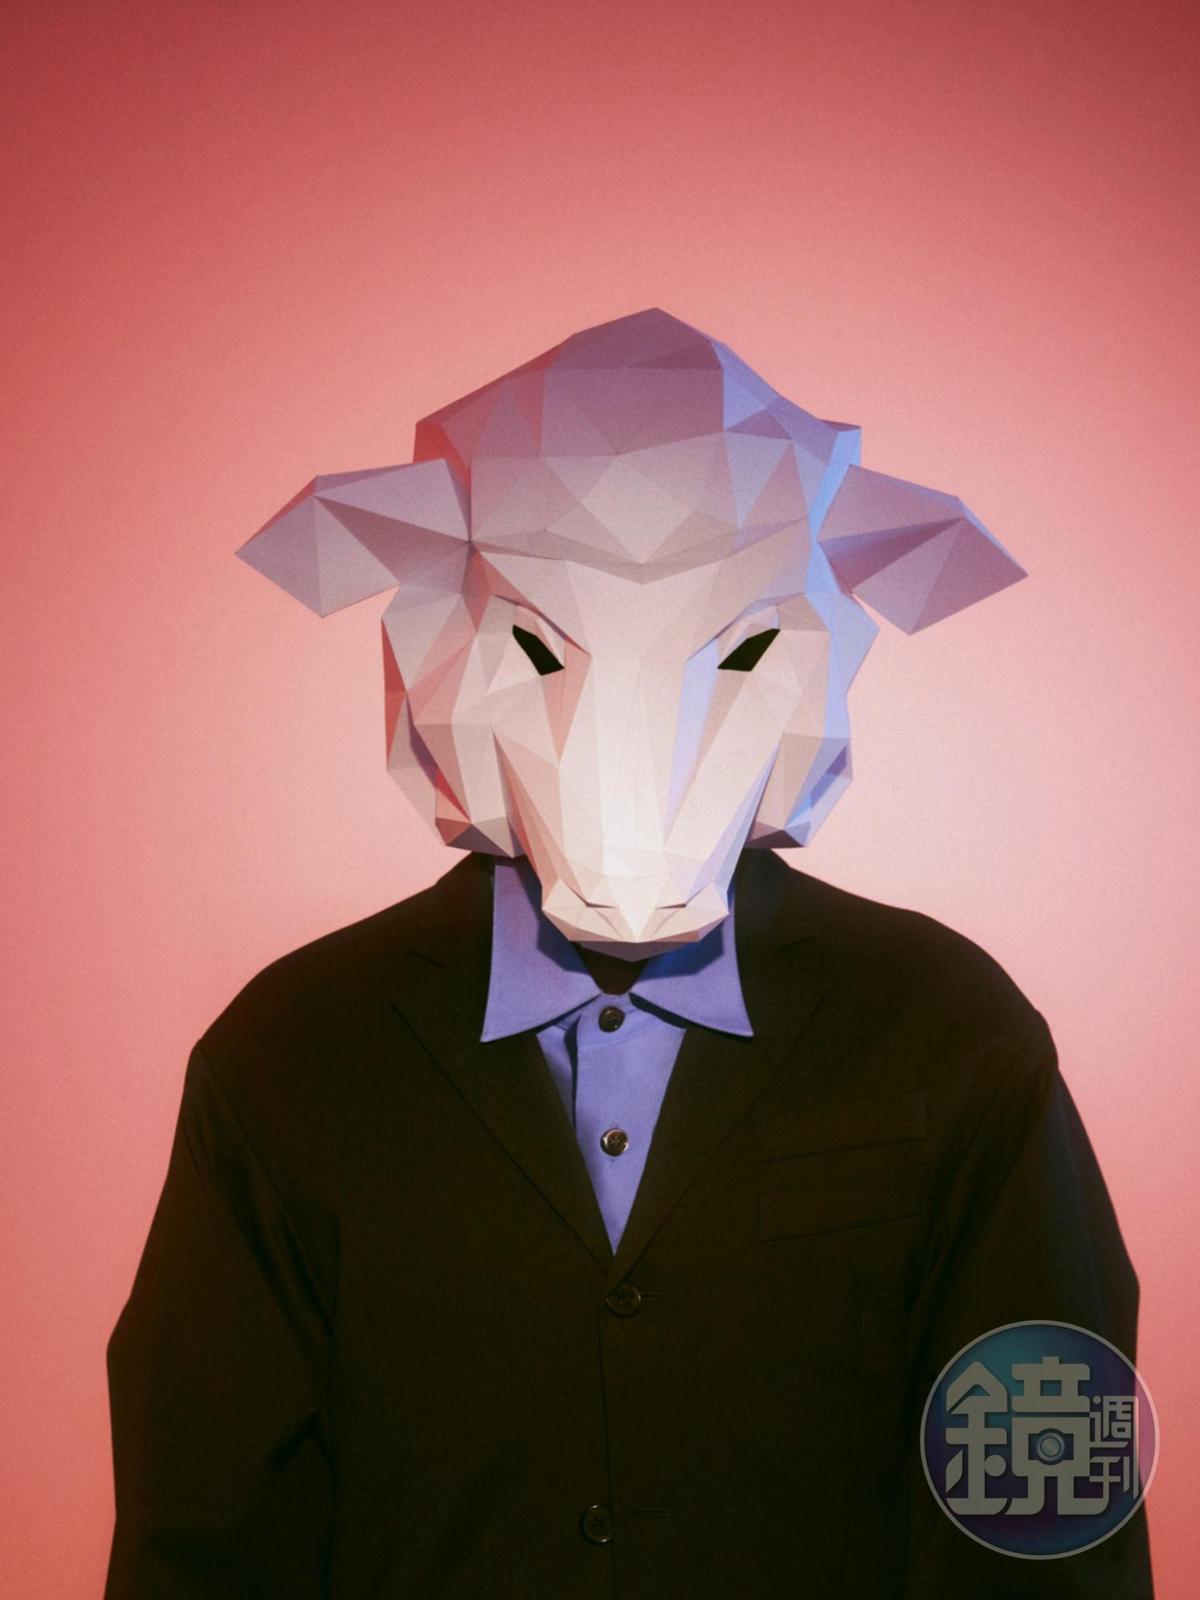 同名主打歌〈親愛的怪物〉,靈感來自炎亞綸這兩年來對網路的觀察。(華研提供)